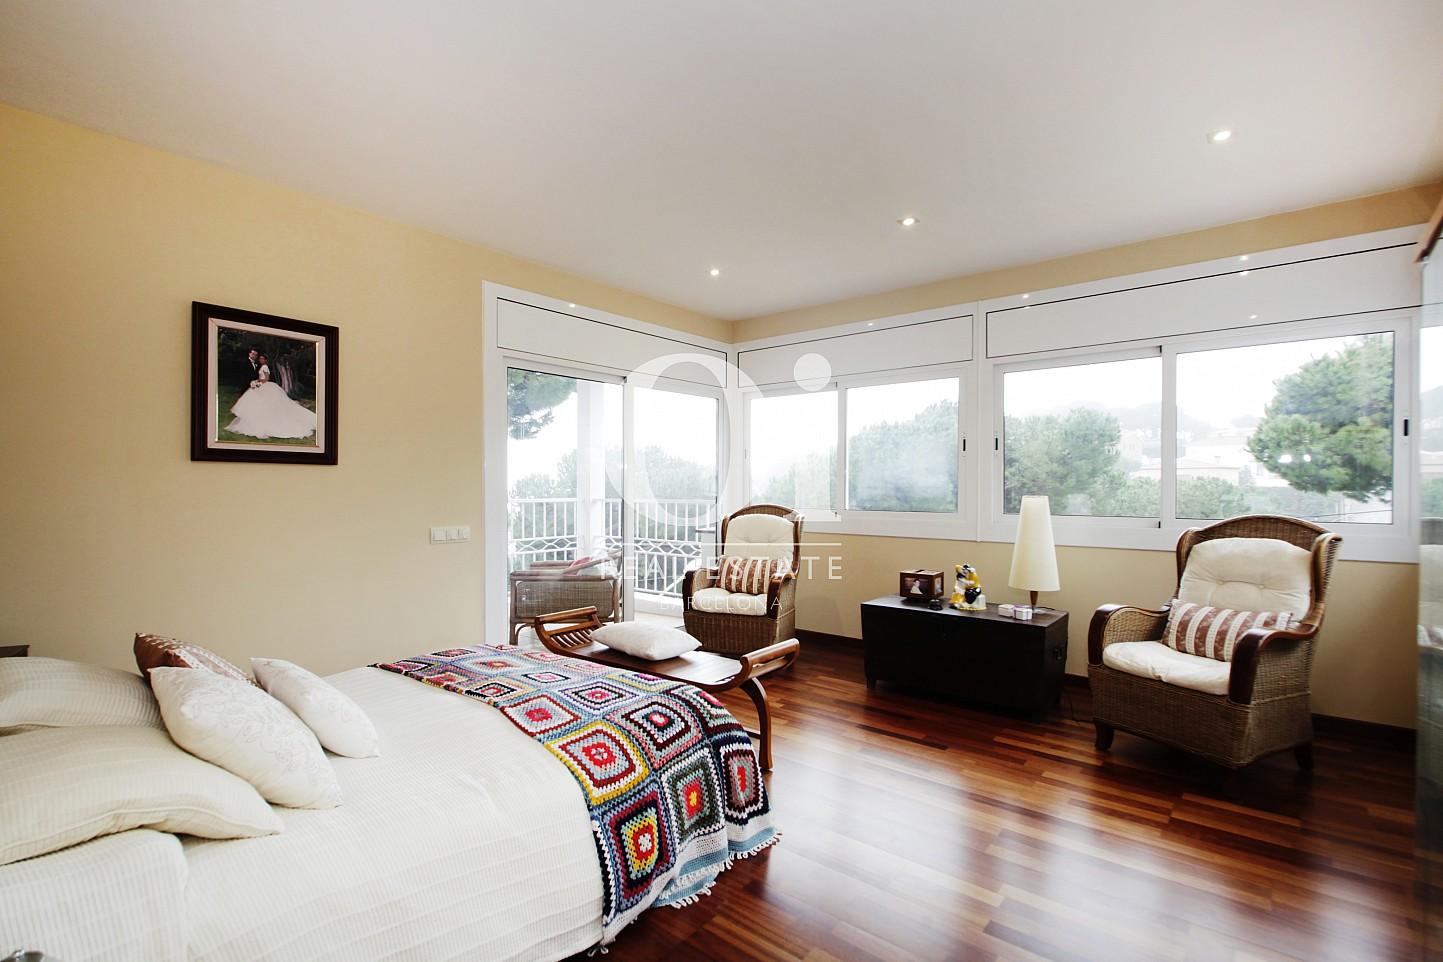 Blick in ein Schlafzimmer vom Haus zur Miete in Premia de Dalt